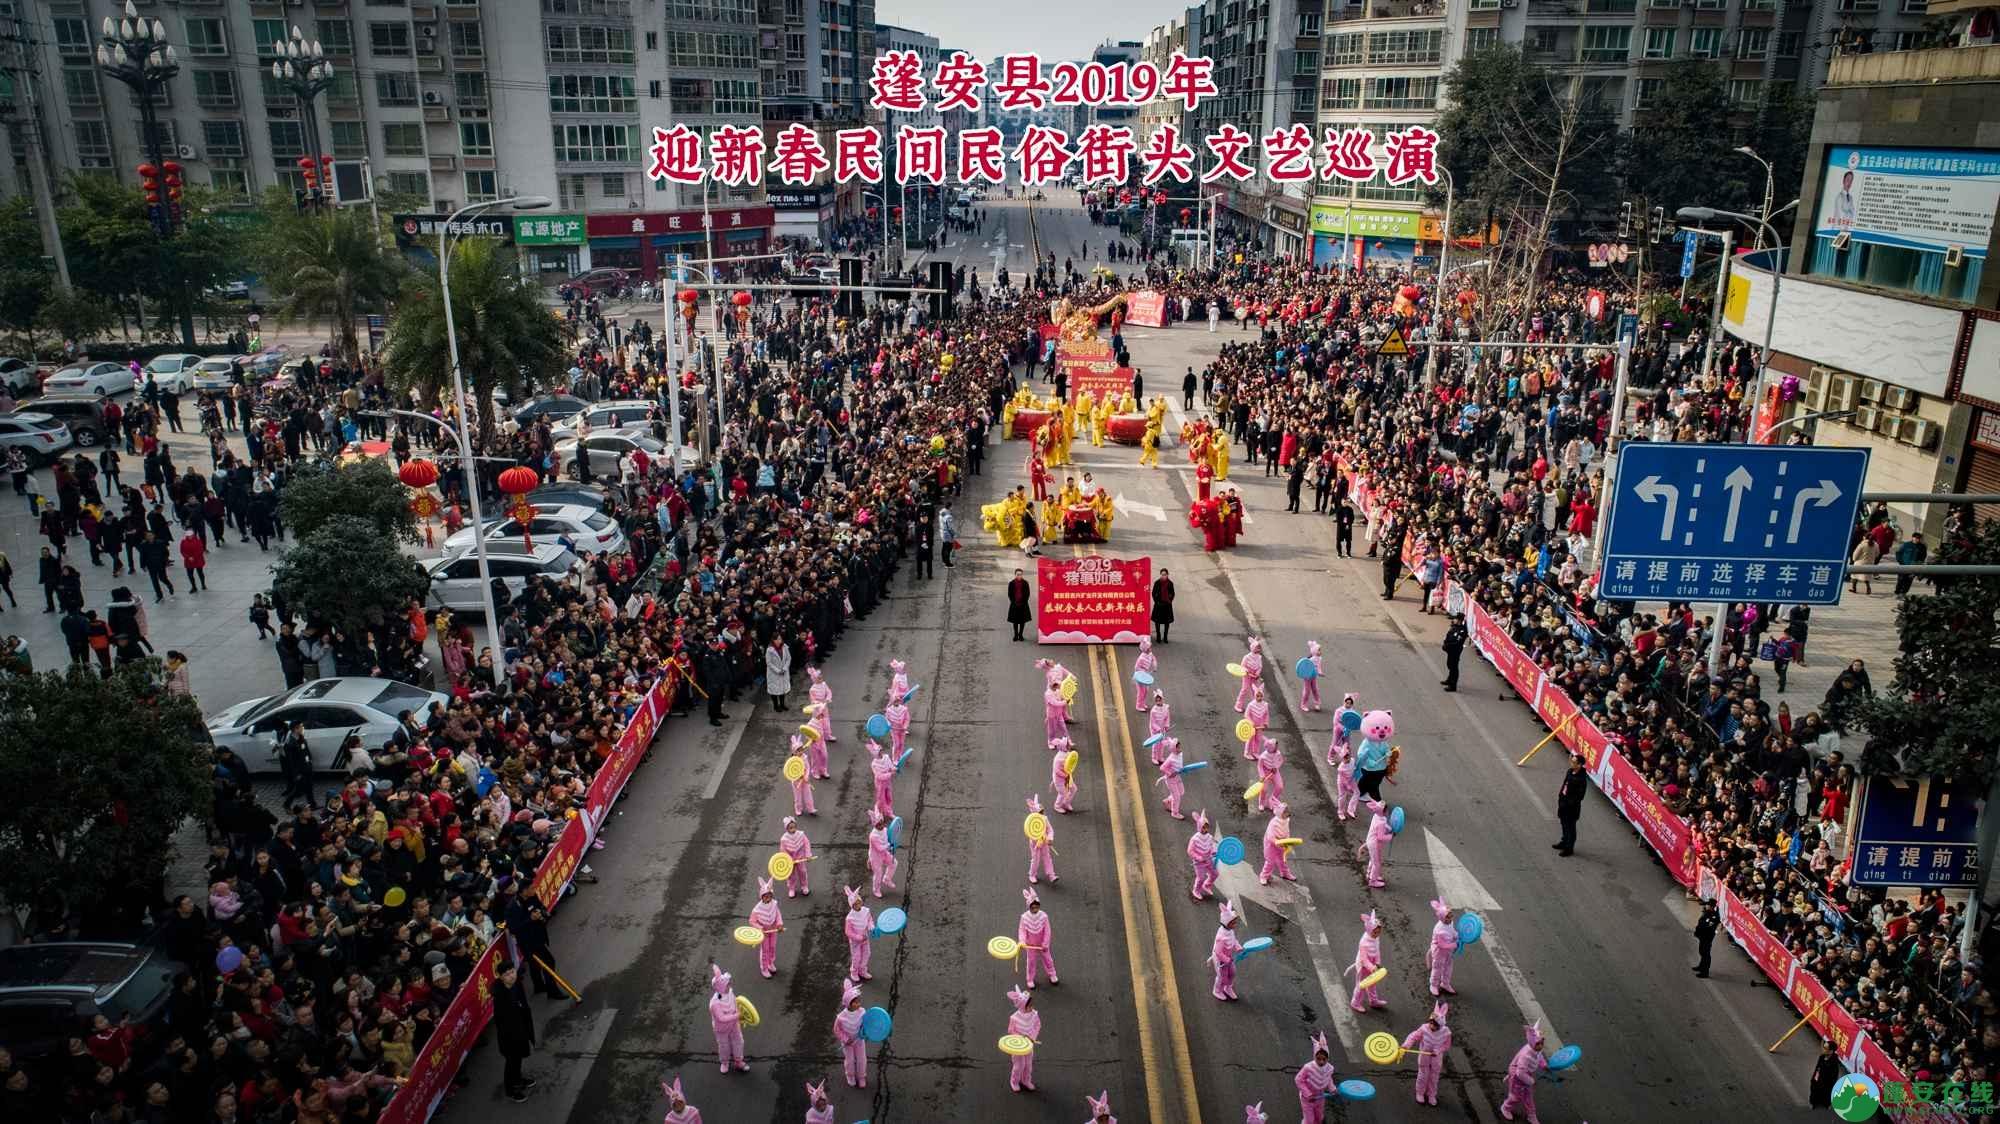 蓬安县2019年迎新春民间民俗街头文艺巡演精彩片段 - 第7张  | 蓬安在线